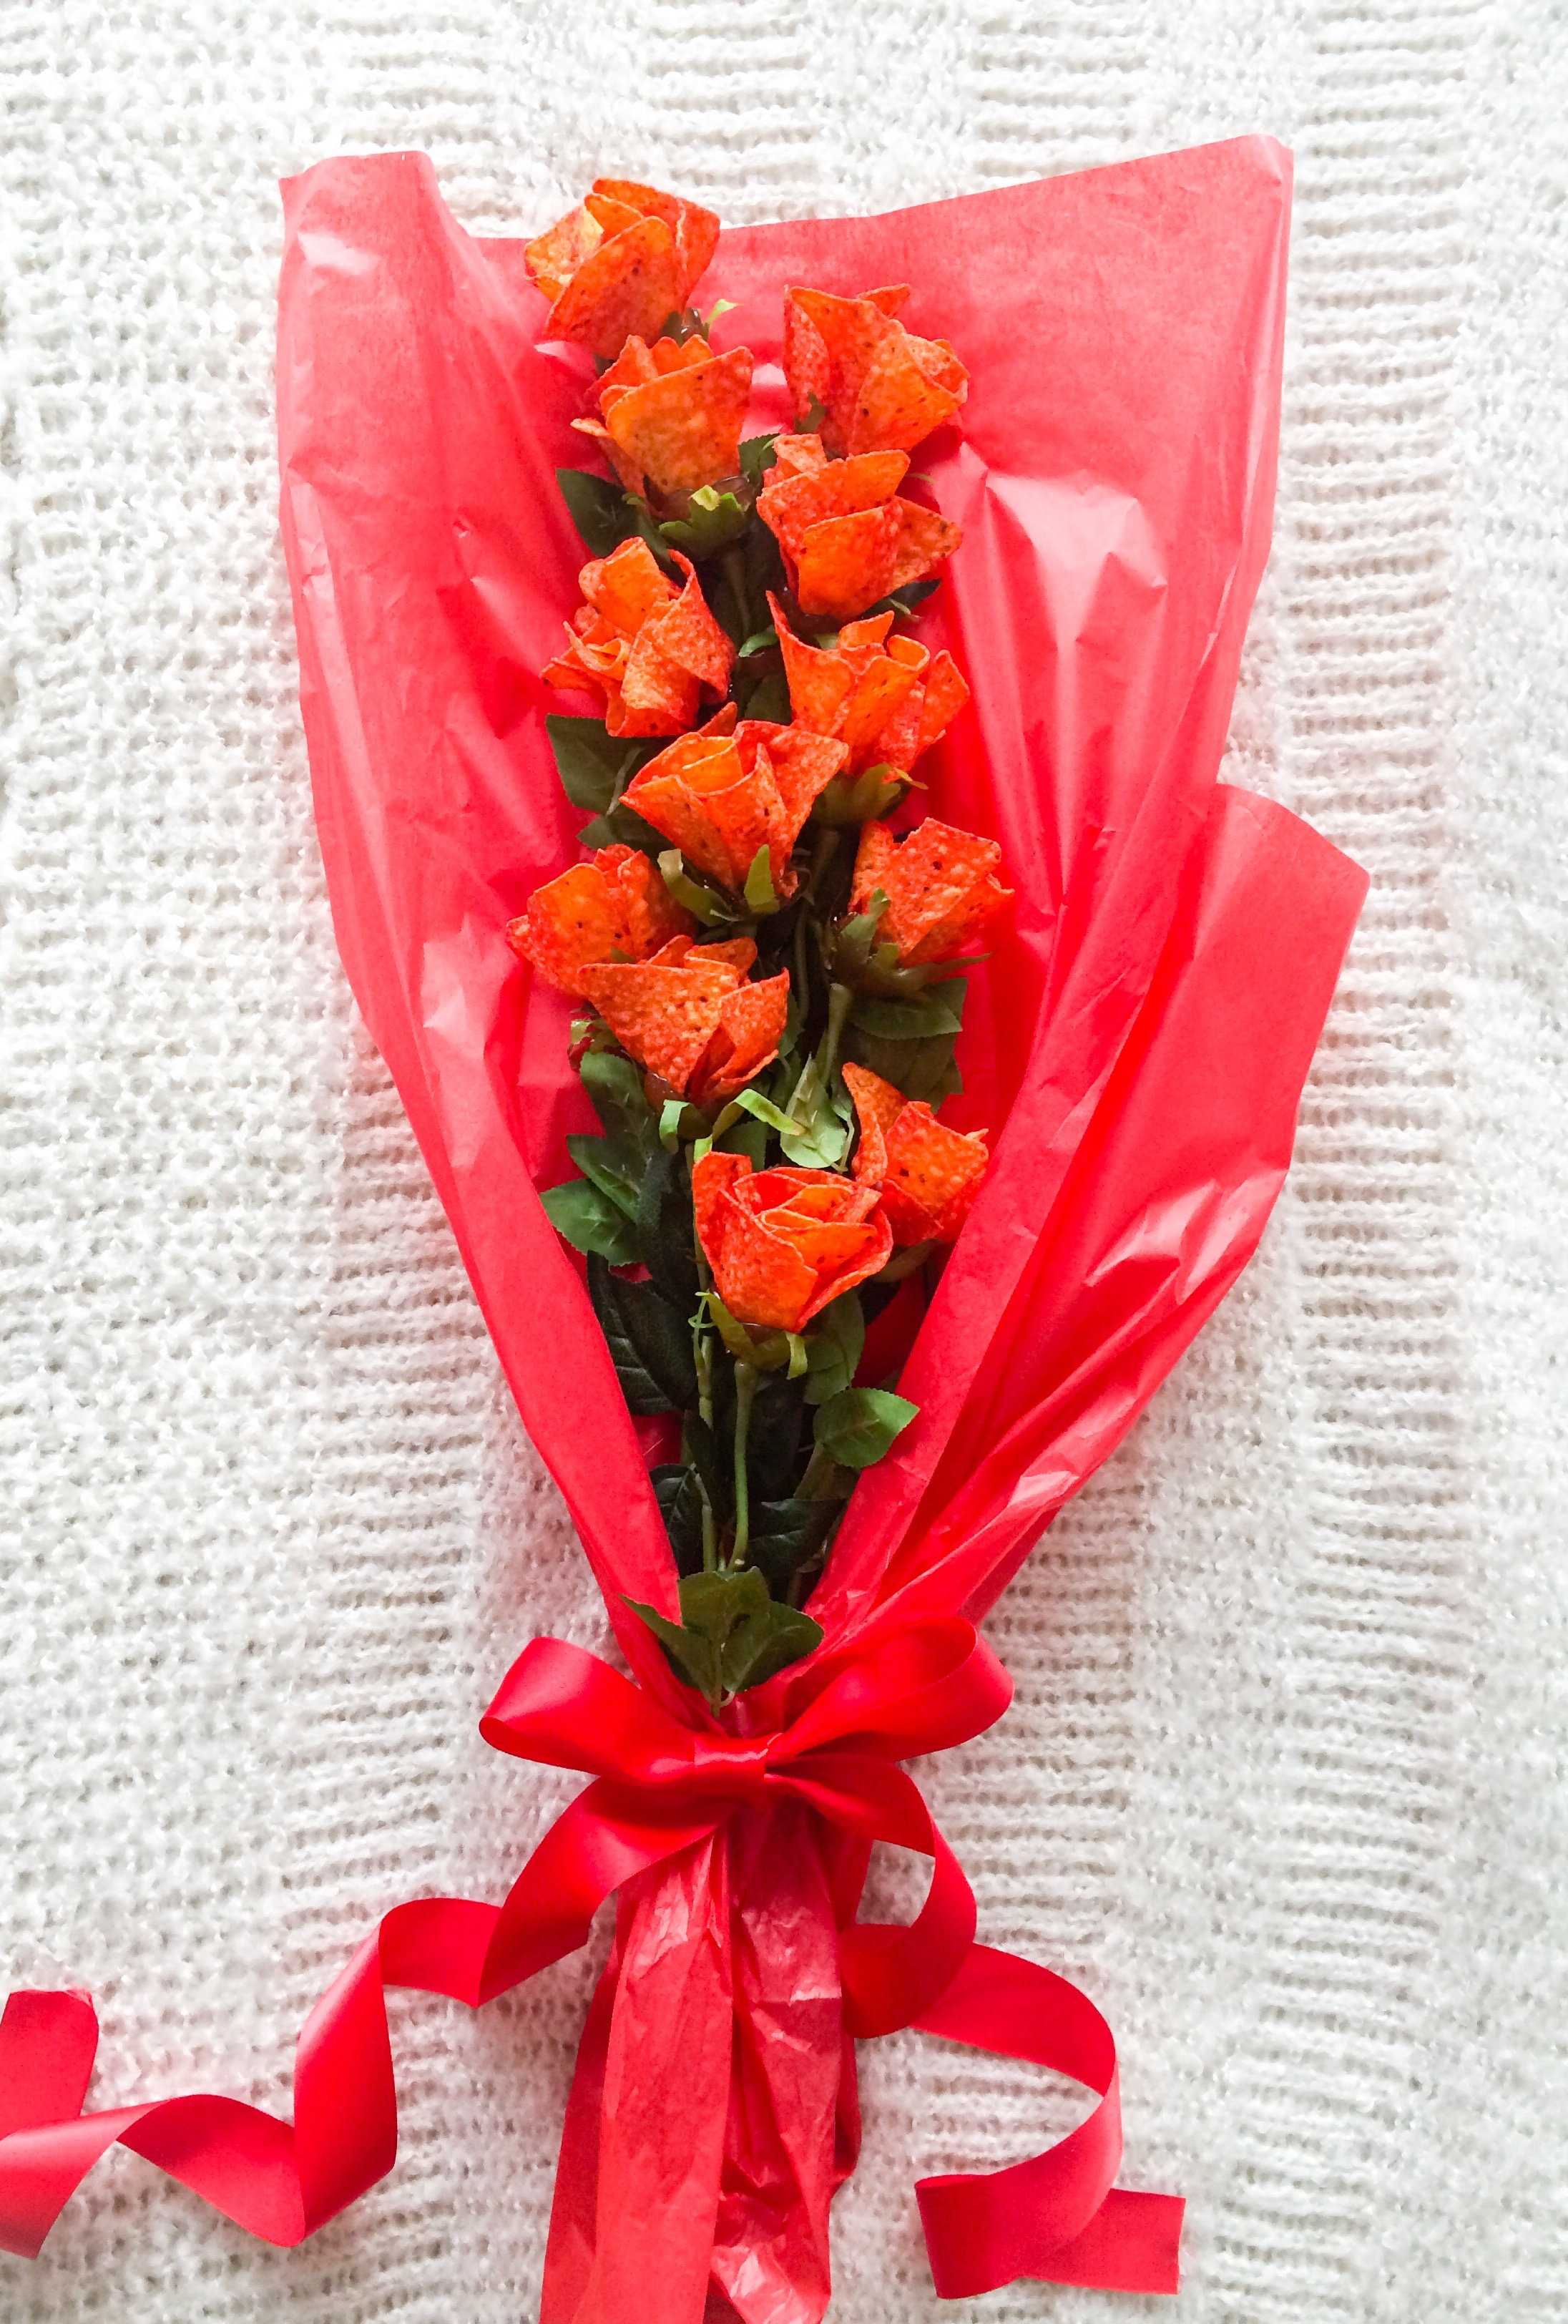 la st-valentin autrement: un bouquet de roses en doritos! - le cahier